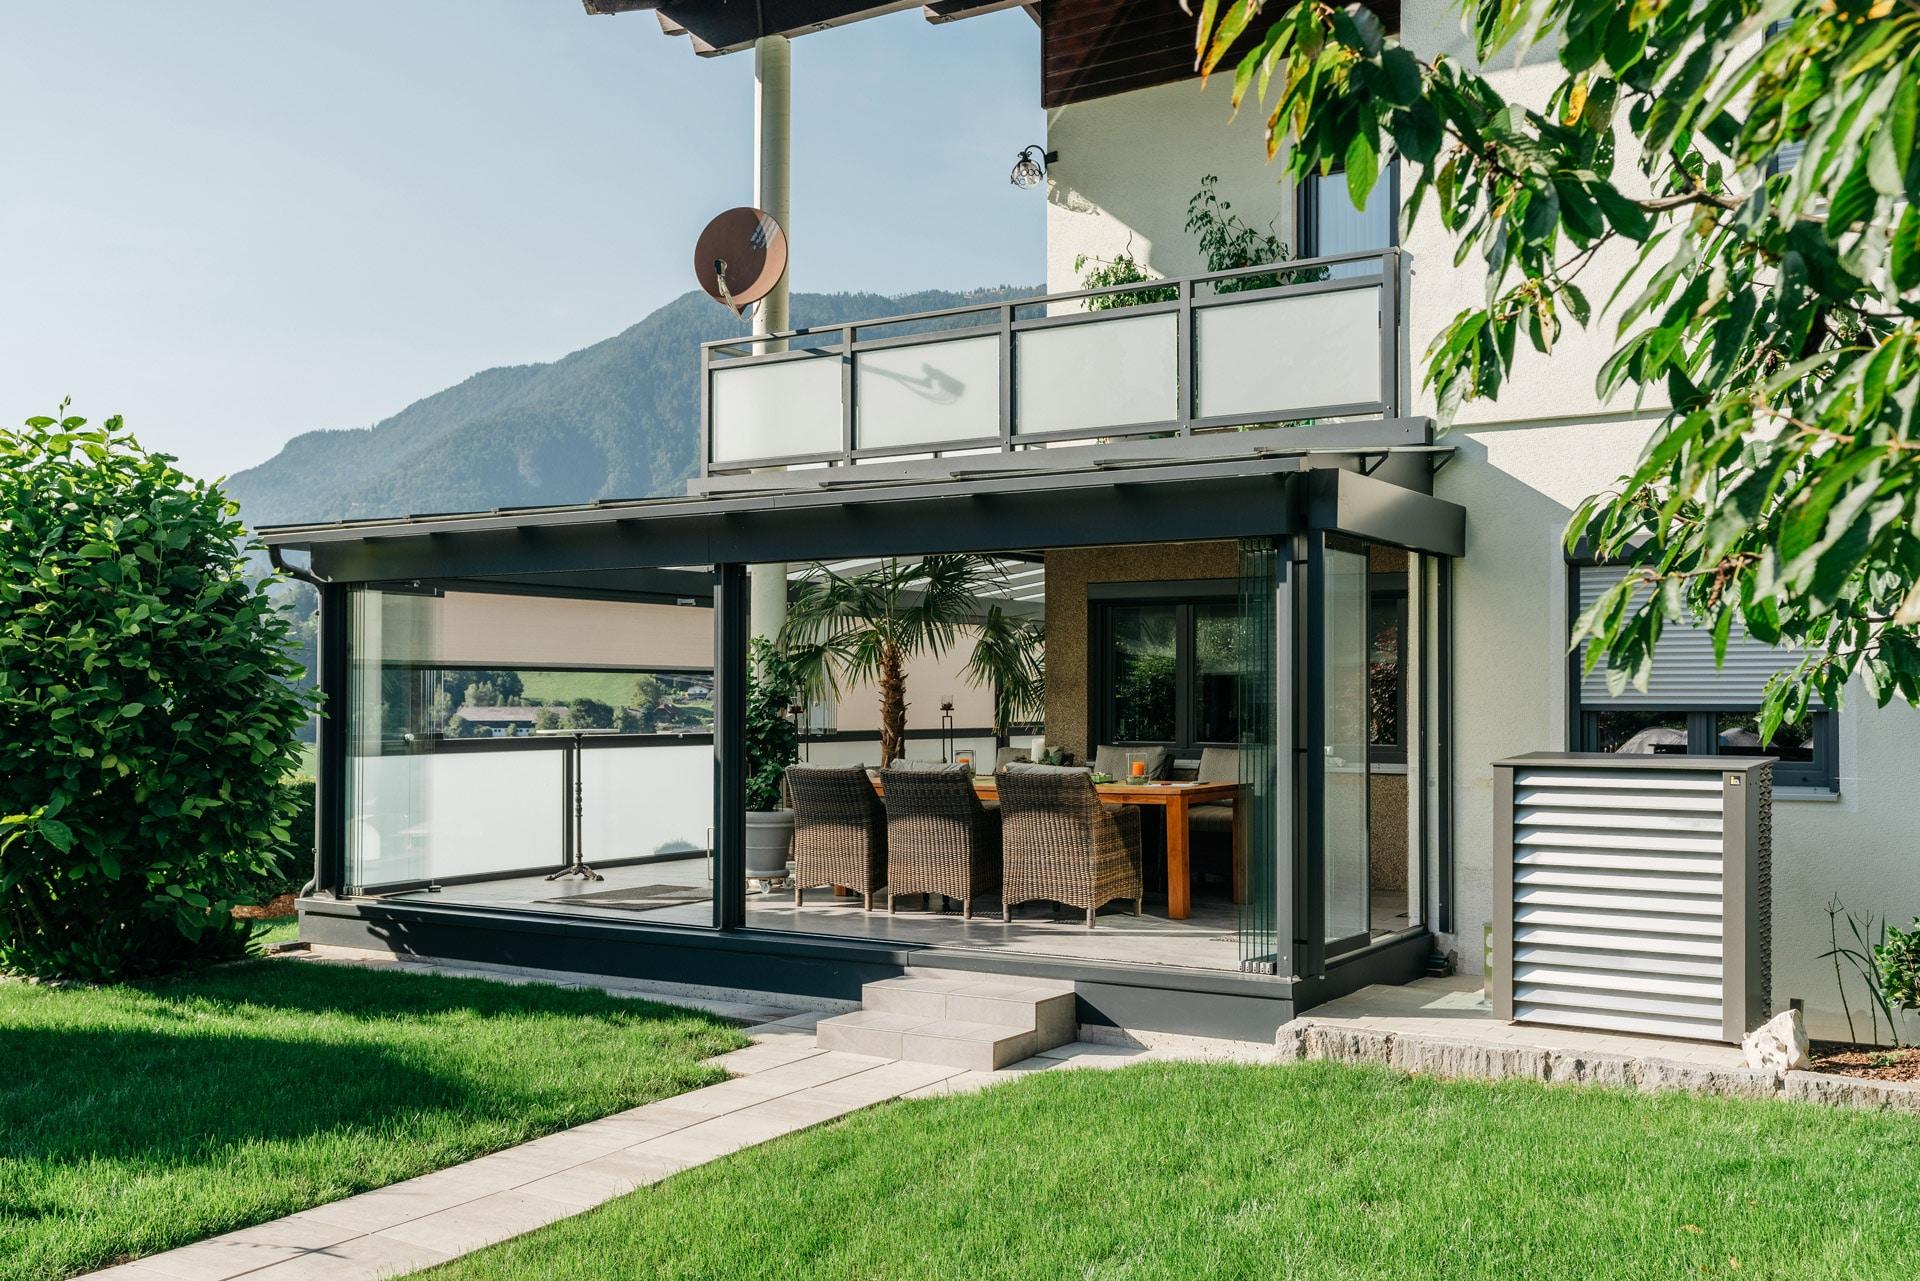 Sommergarten Alu 42 a | graues Alu-Glas-Dach mit offener Seitenverglasung Schiebe-Dreh | Svoboda